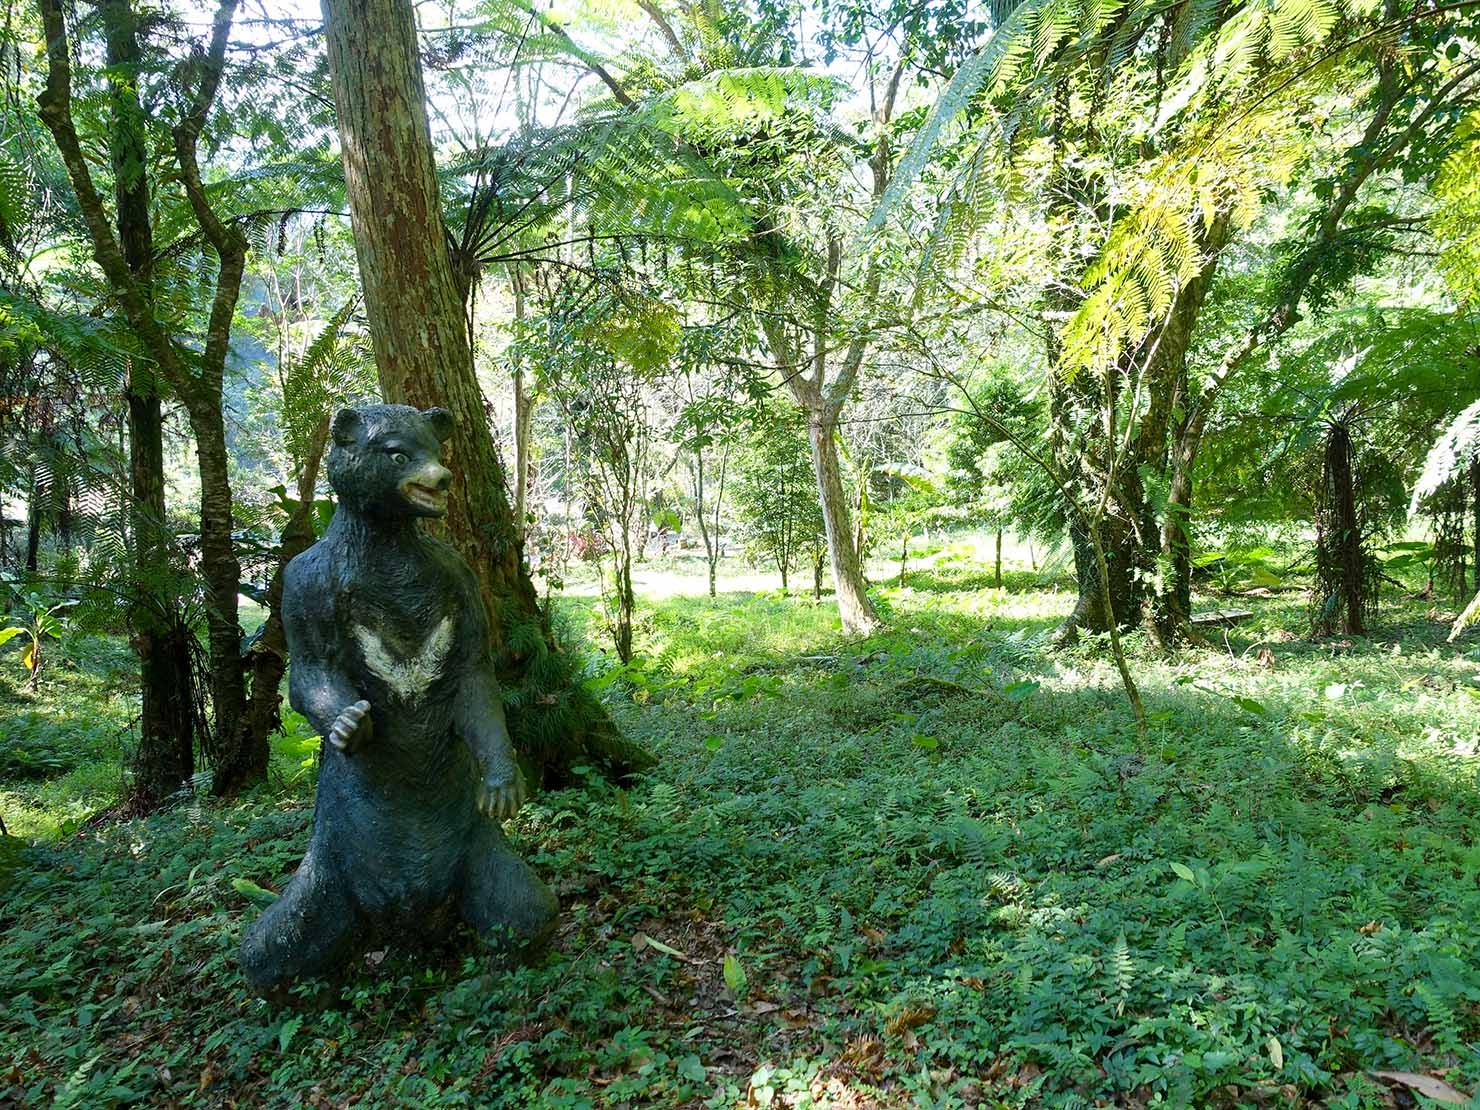 台北・烏來温泉から行けるテーマパーク「雲仙樂園」園内に佇む台灣黑熊の像